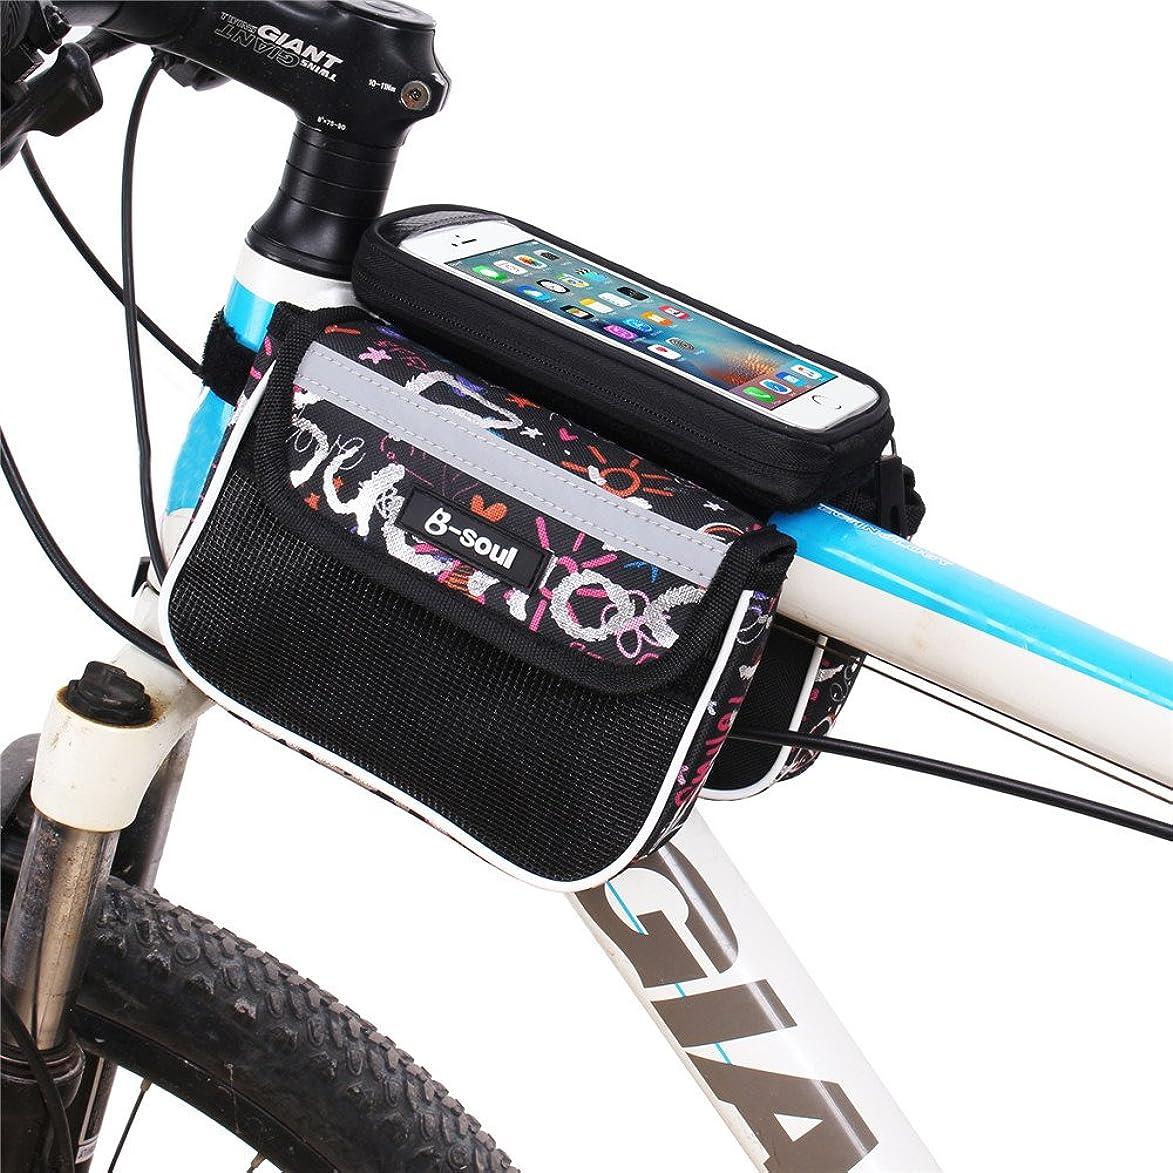 投票やがて懲らしめ防水ポーチバイクフレームバッグ、バイクフロントチューブフロントチューブバッグ5.5インチスマートフォンに最適 (色 : 赤)